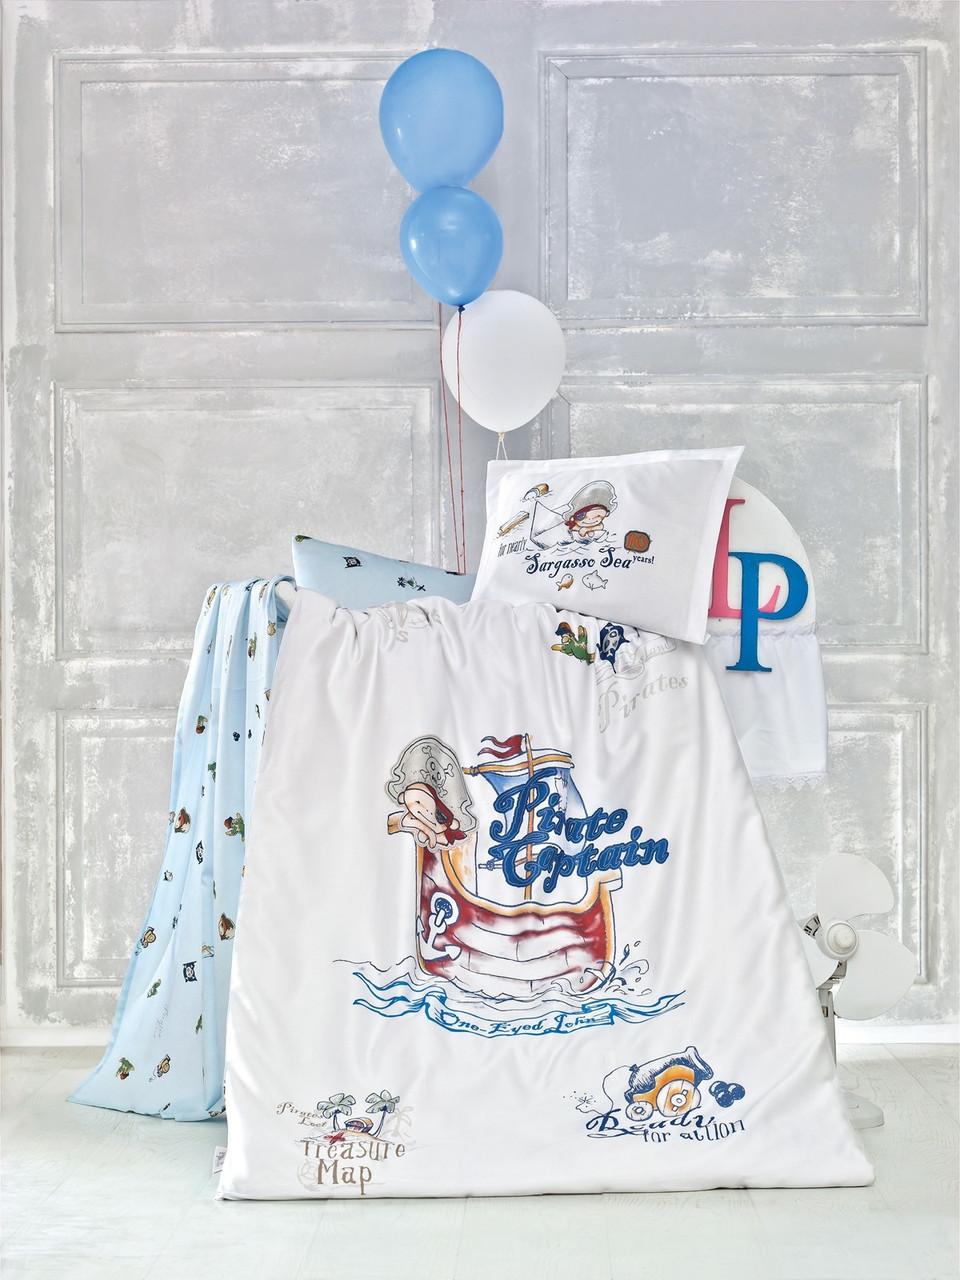 Комплект детского постельного белья Pirate, Luoca Patisca